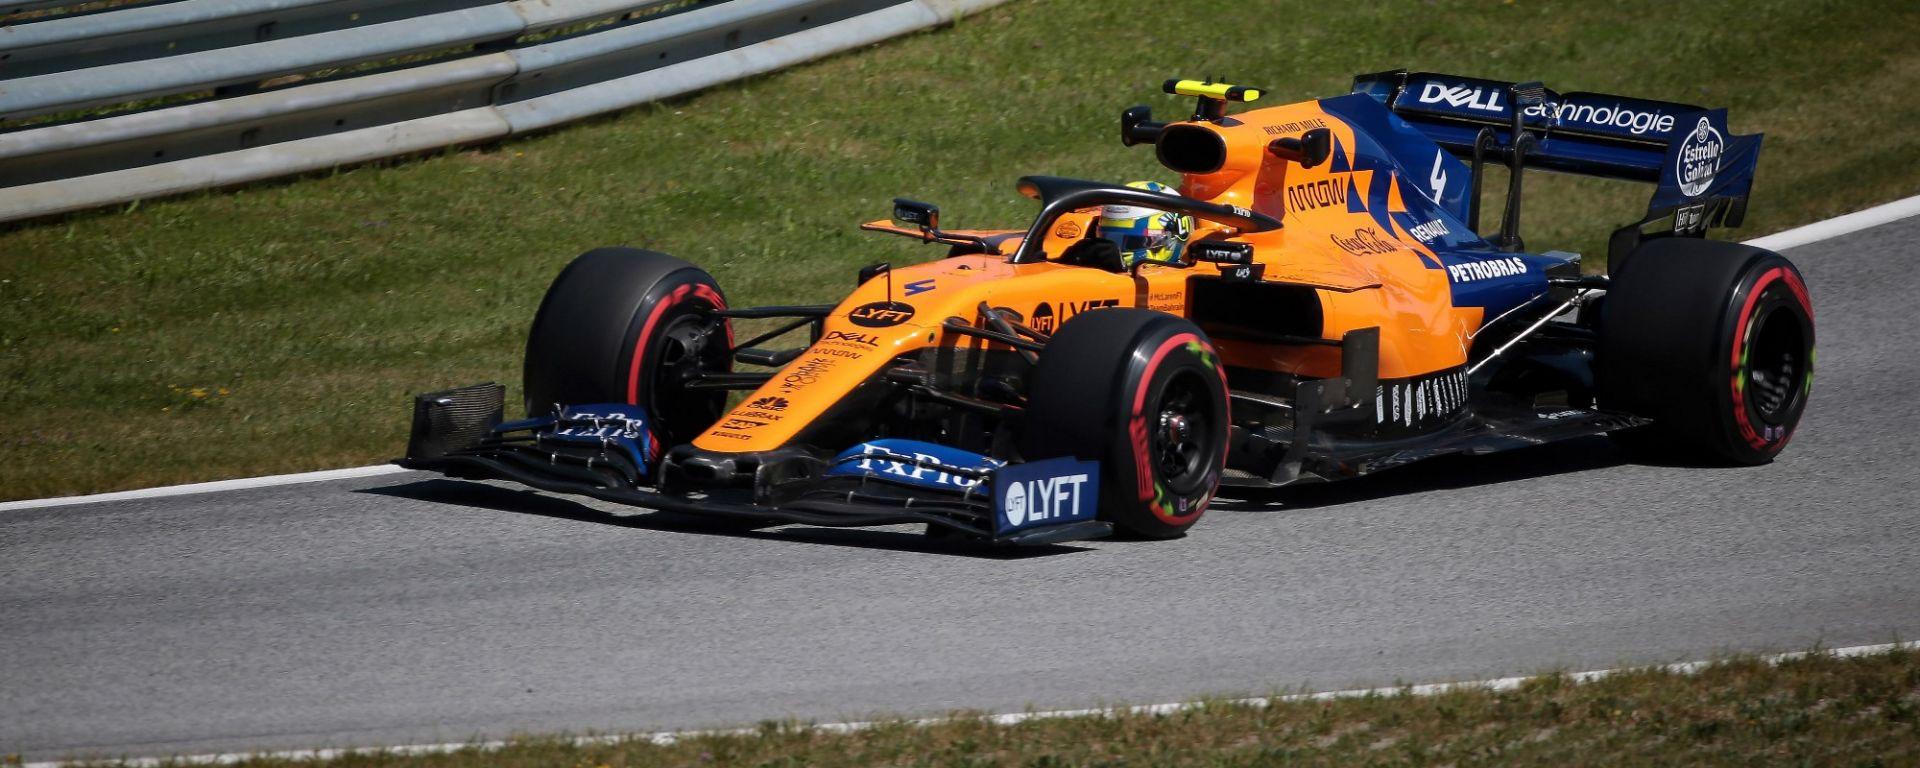 GP Austria 2019, Lando Norris (McLaren)